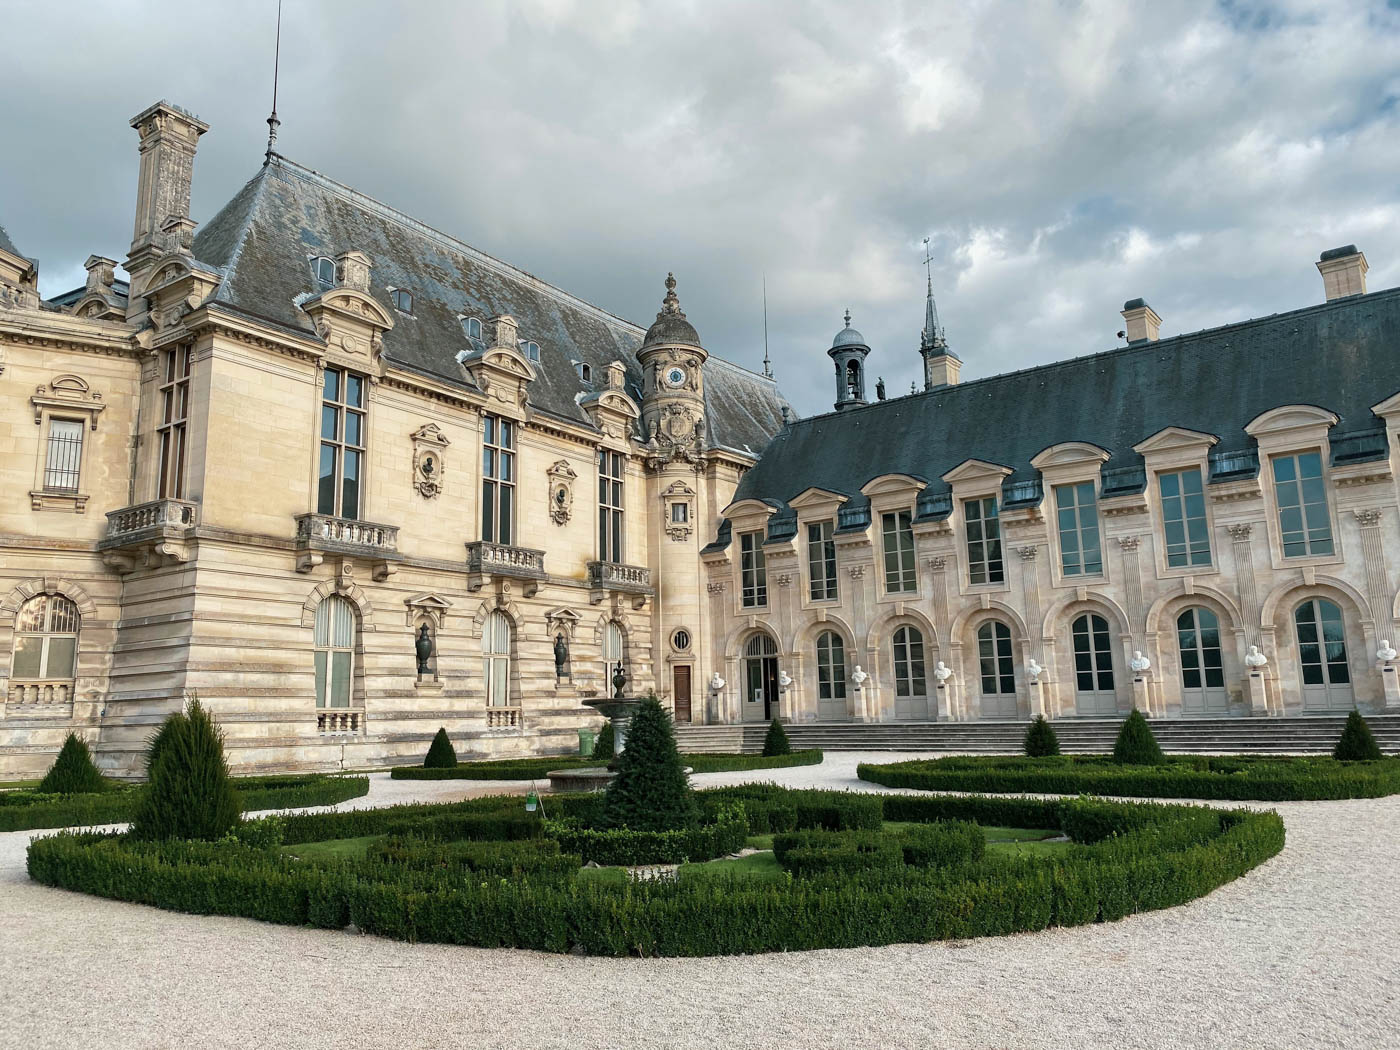 une-bonne-maison-chantilly-castle-french-chateau-garden